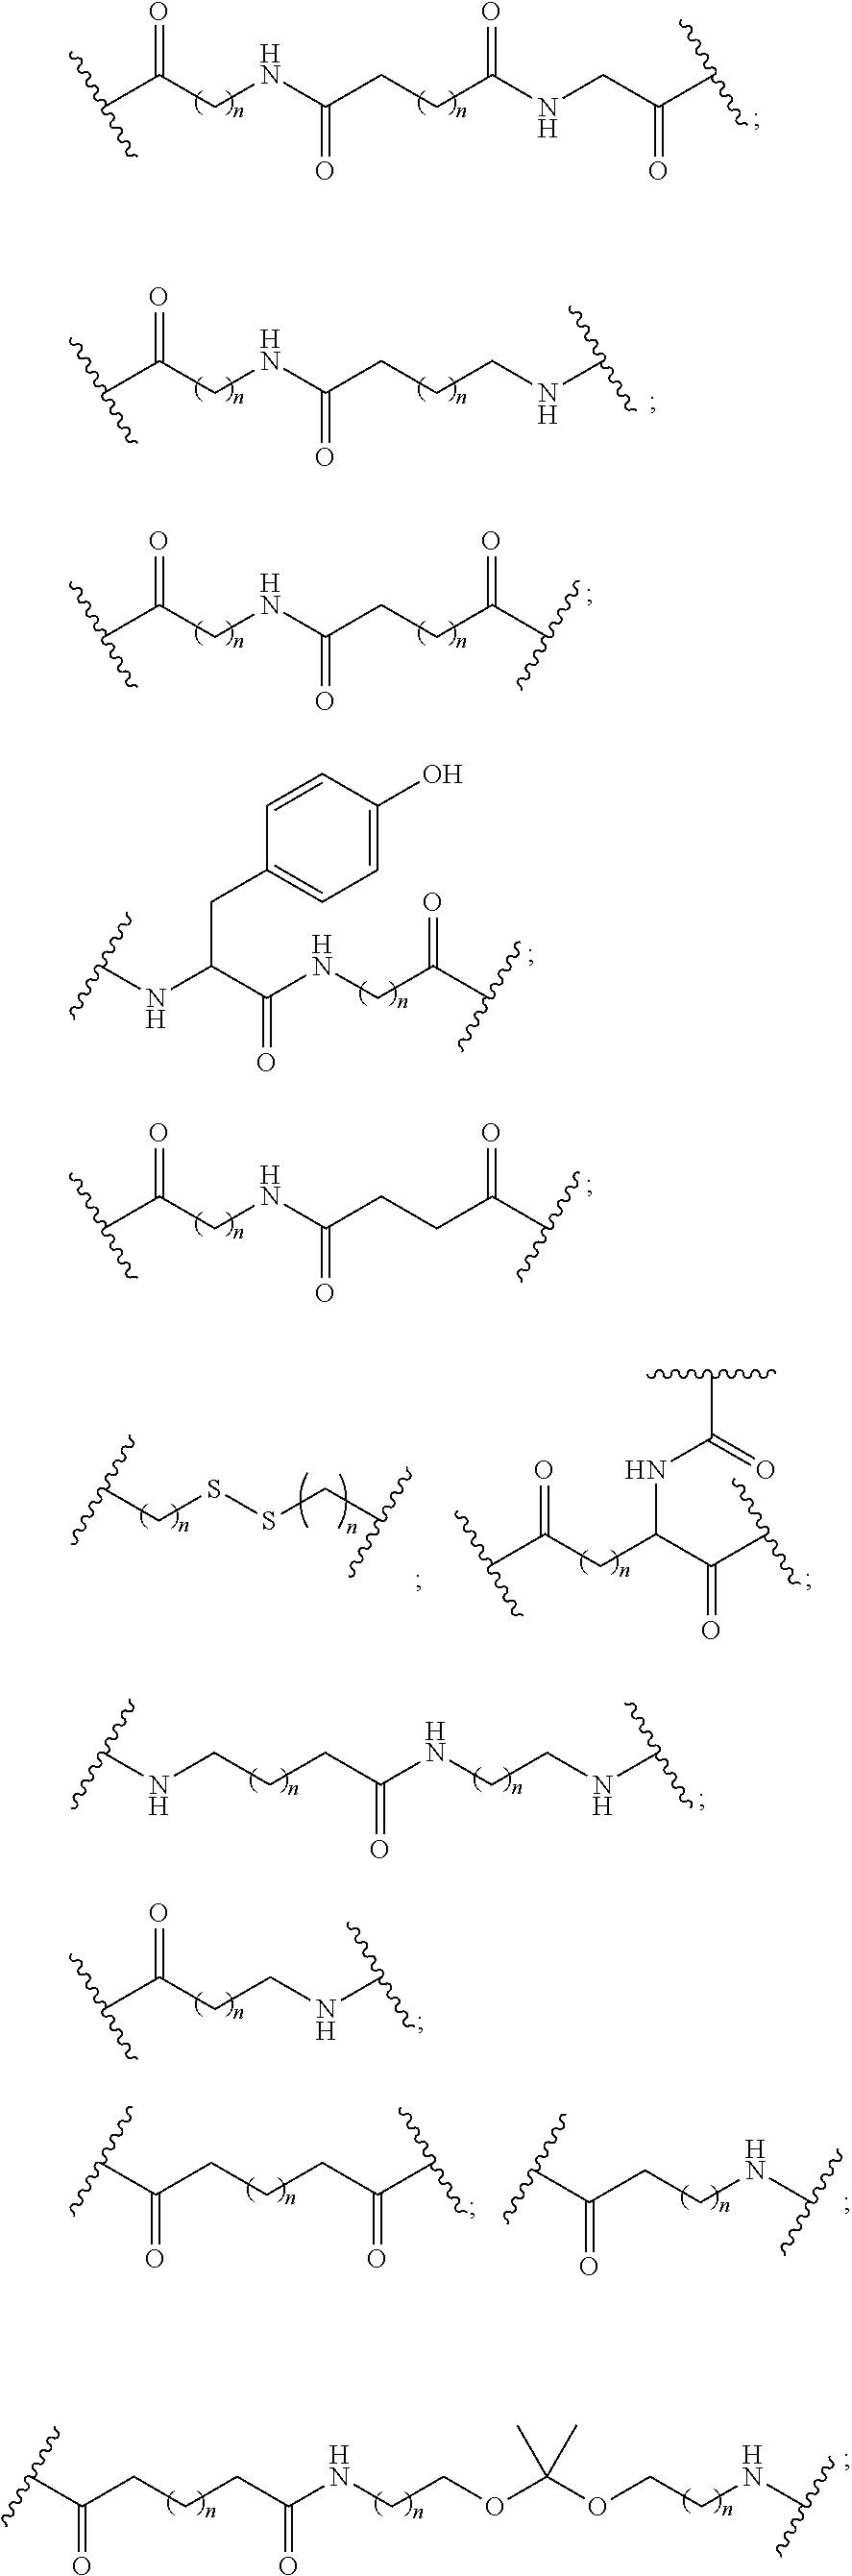 Figure US09714421-20170725-C00028